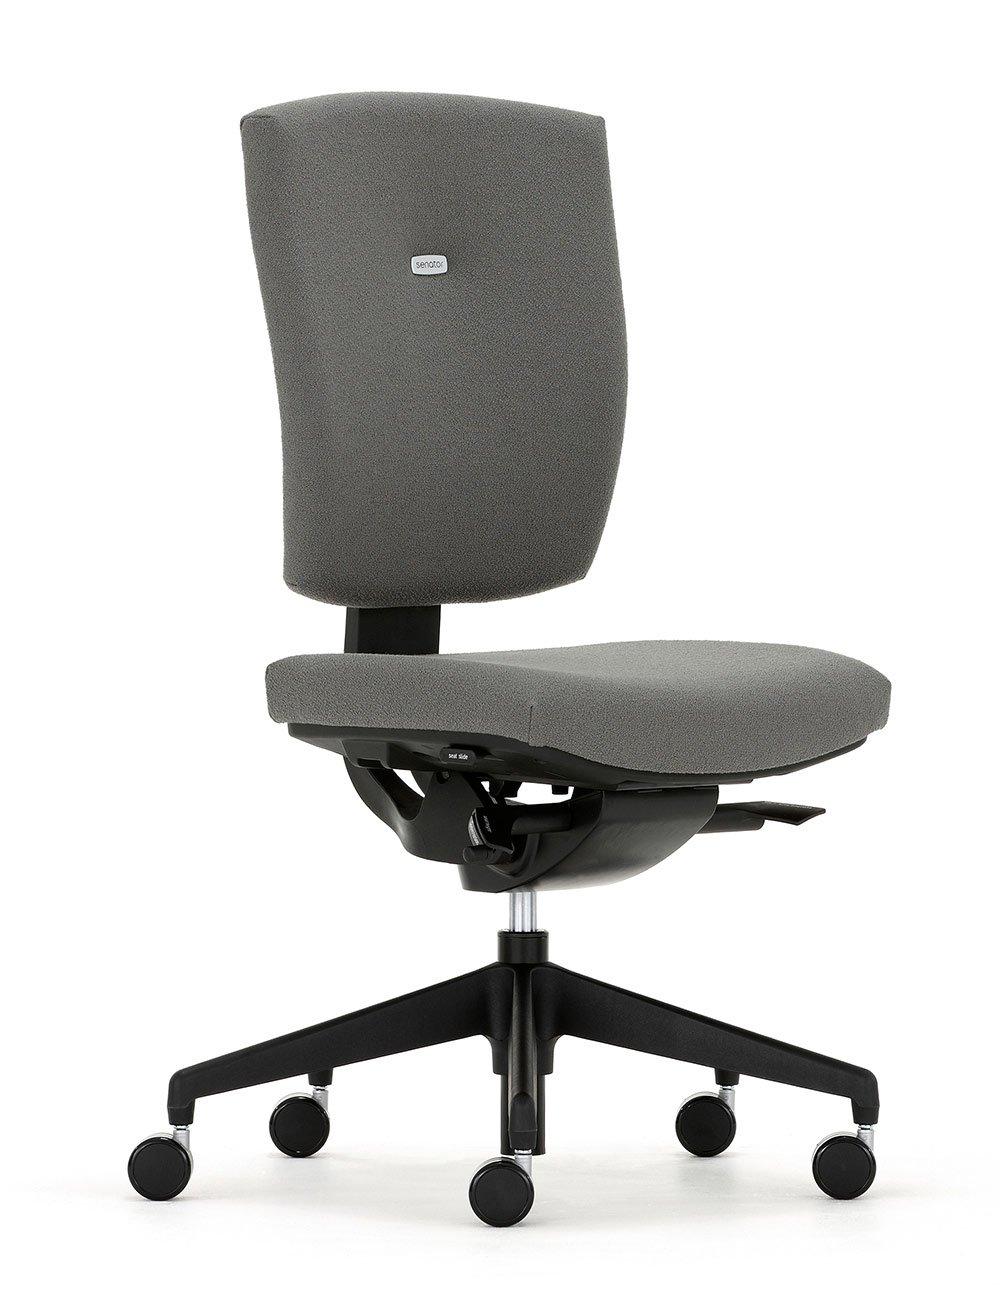 Senator Chairs